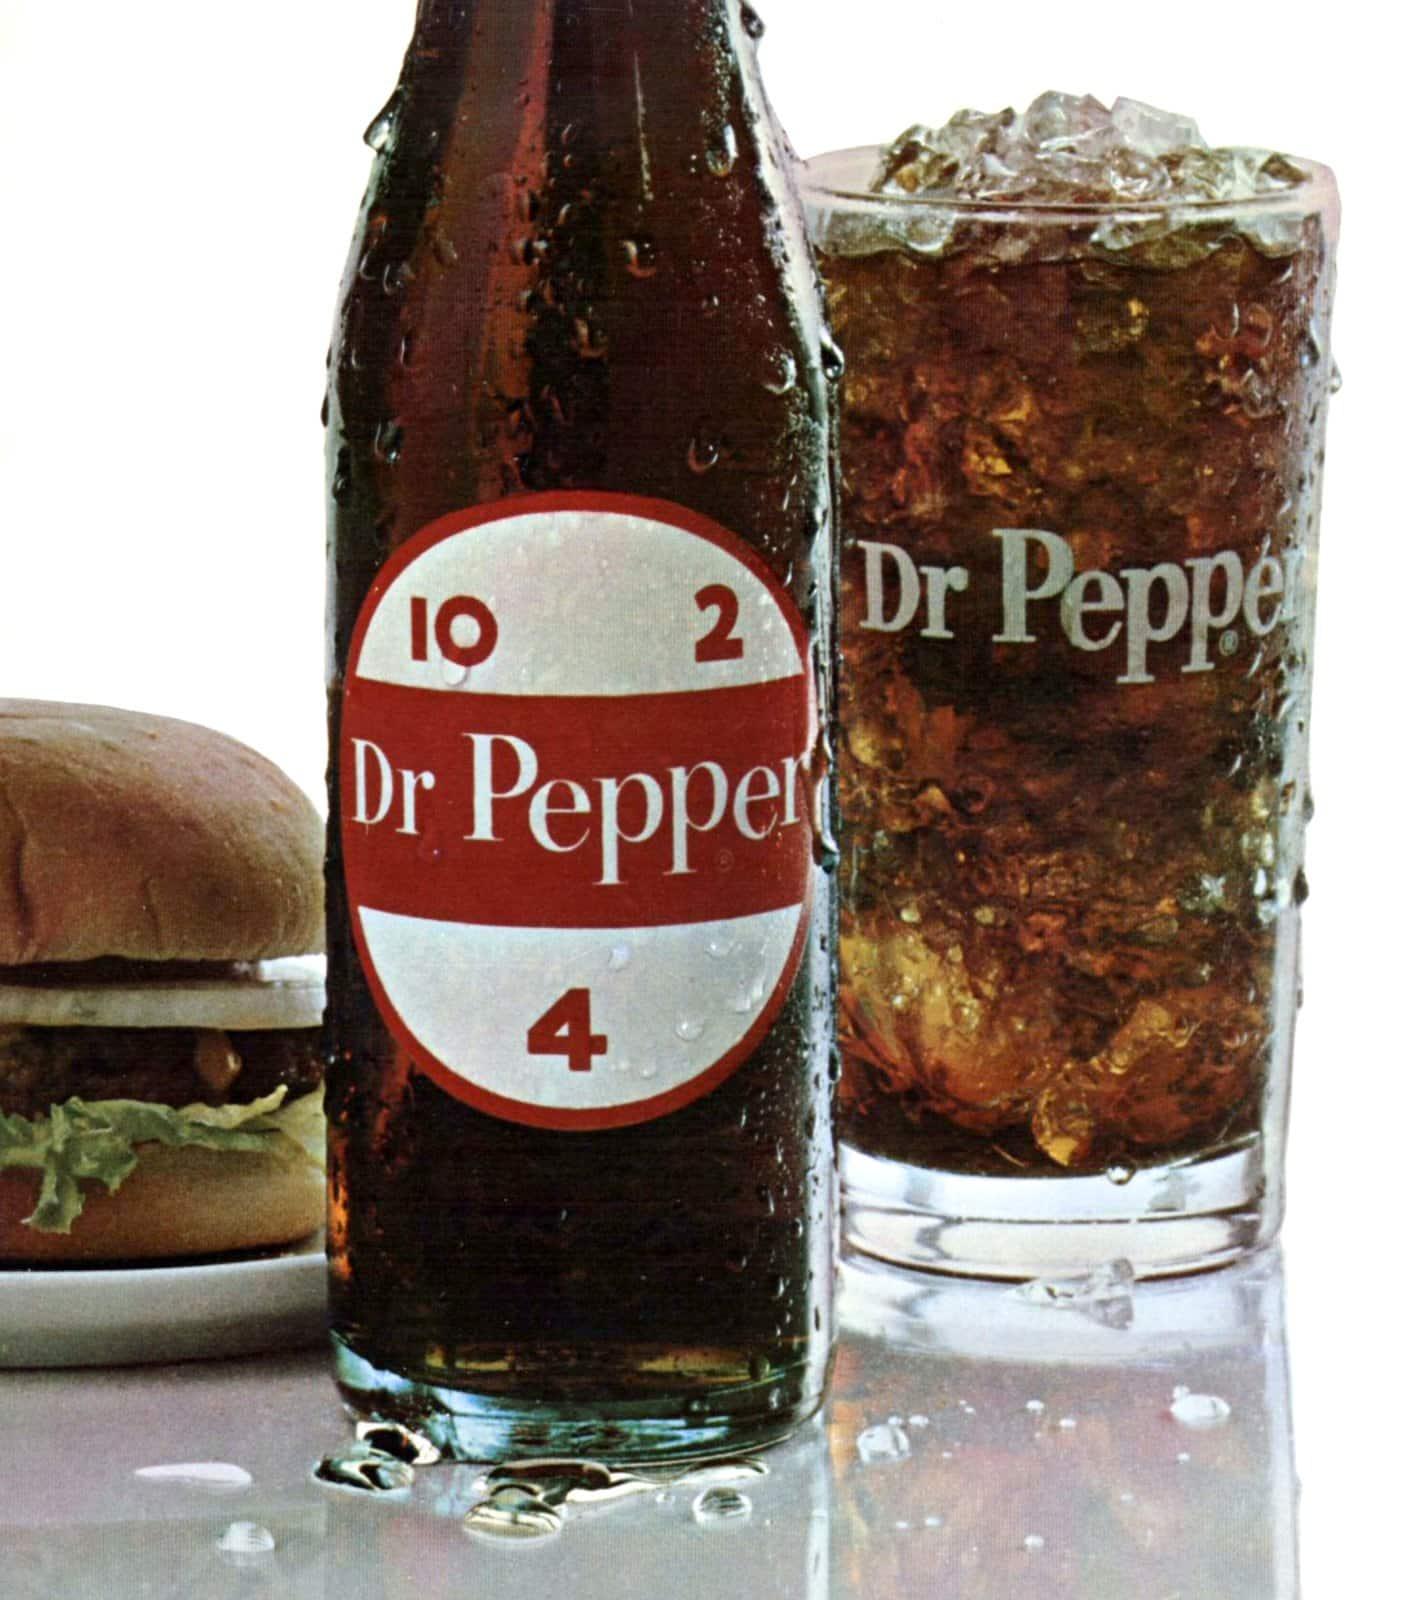 Vintage Dr Pepper bottle and logo (1966)